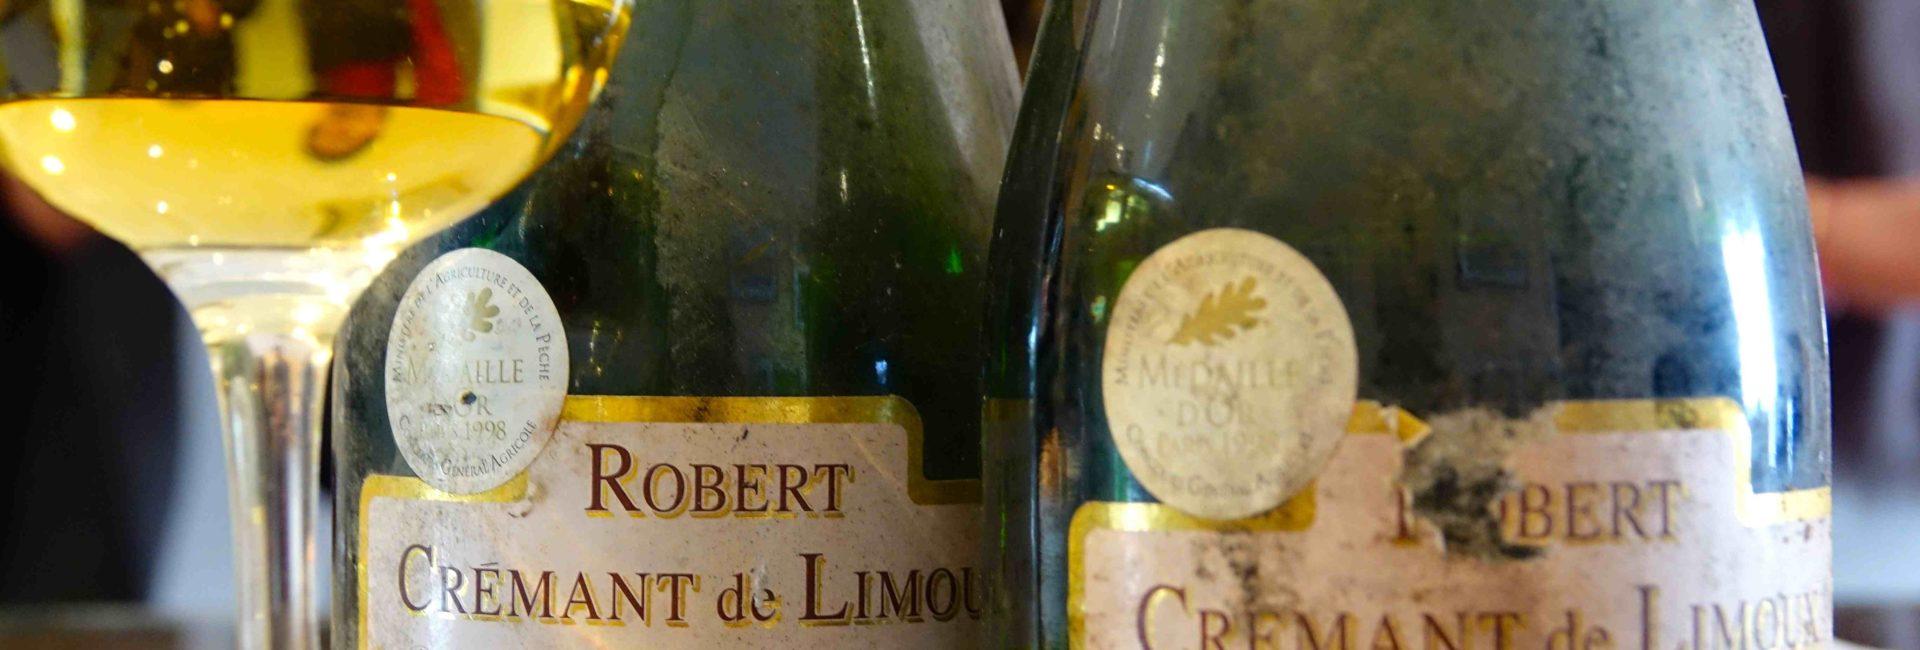 Vieux crémants de Limoux